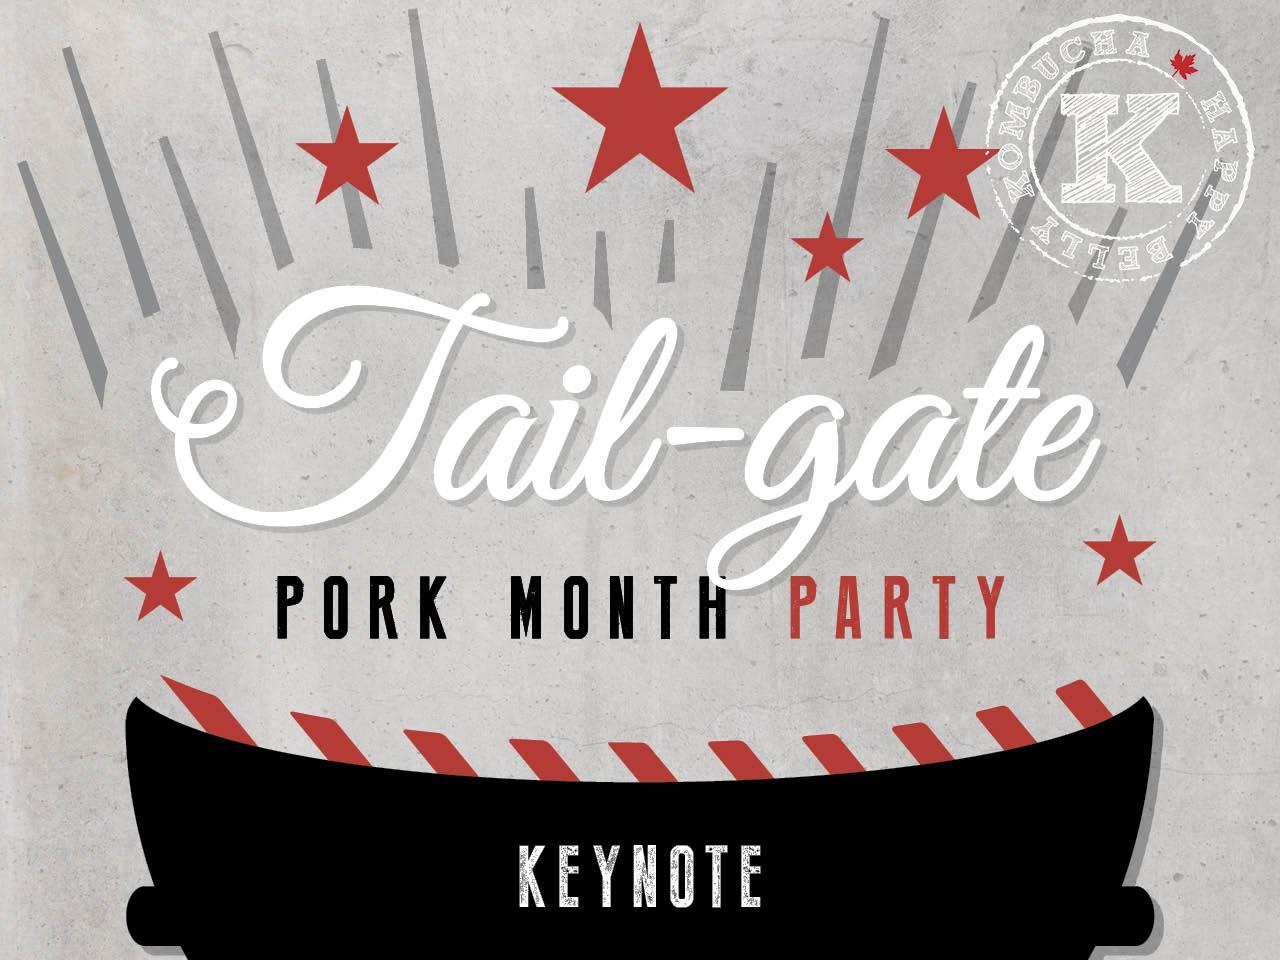 tailgatekeynote.png